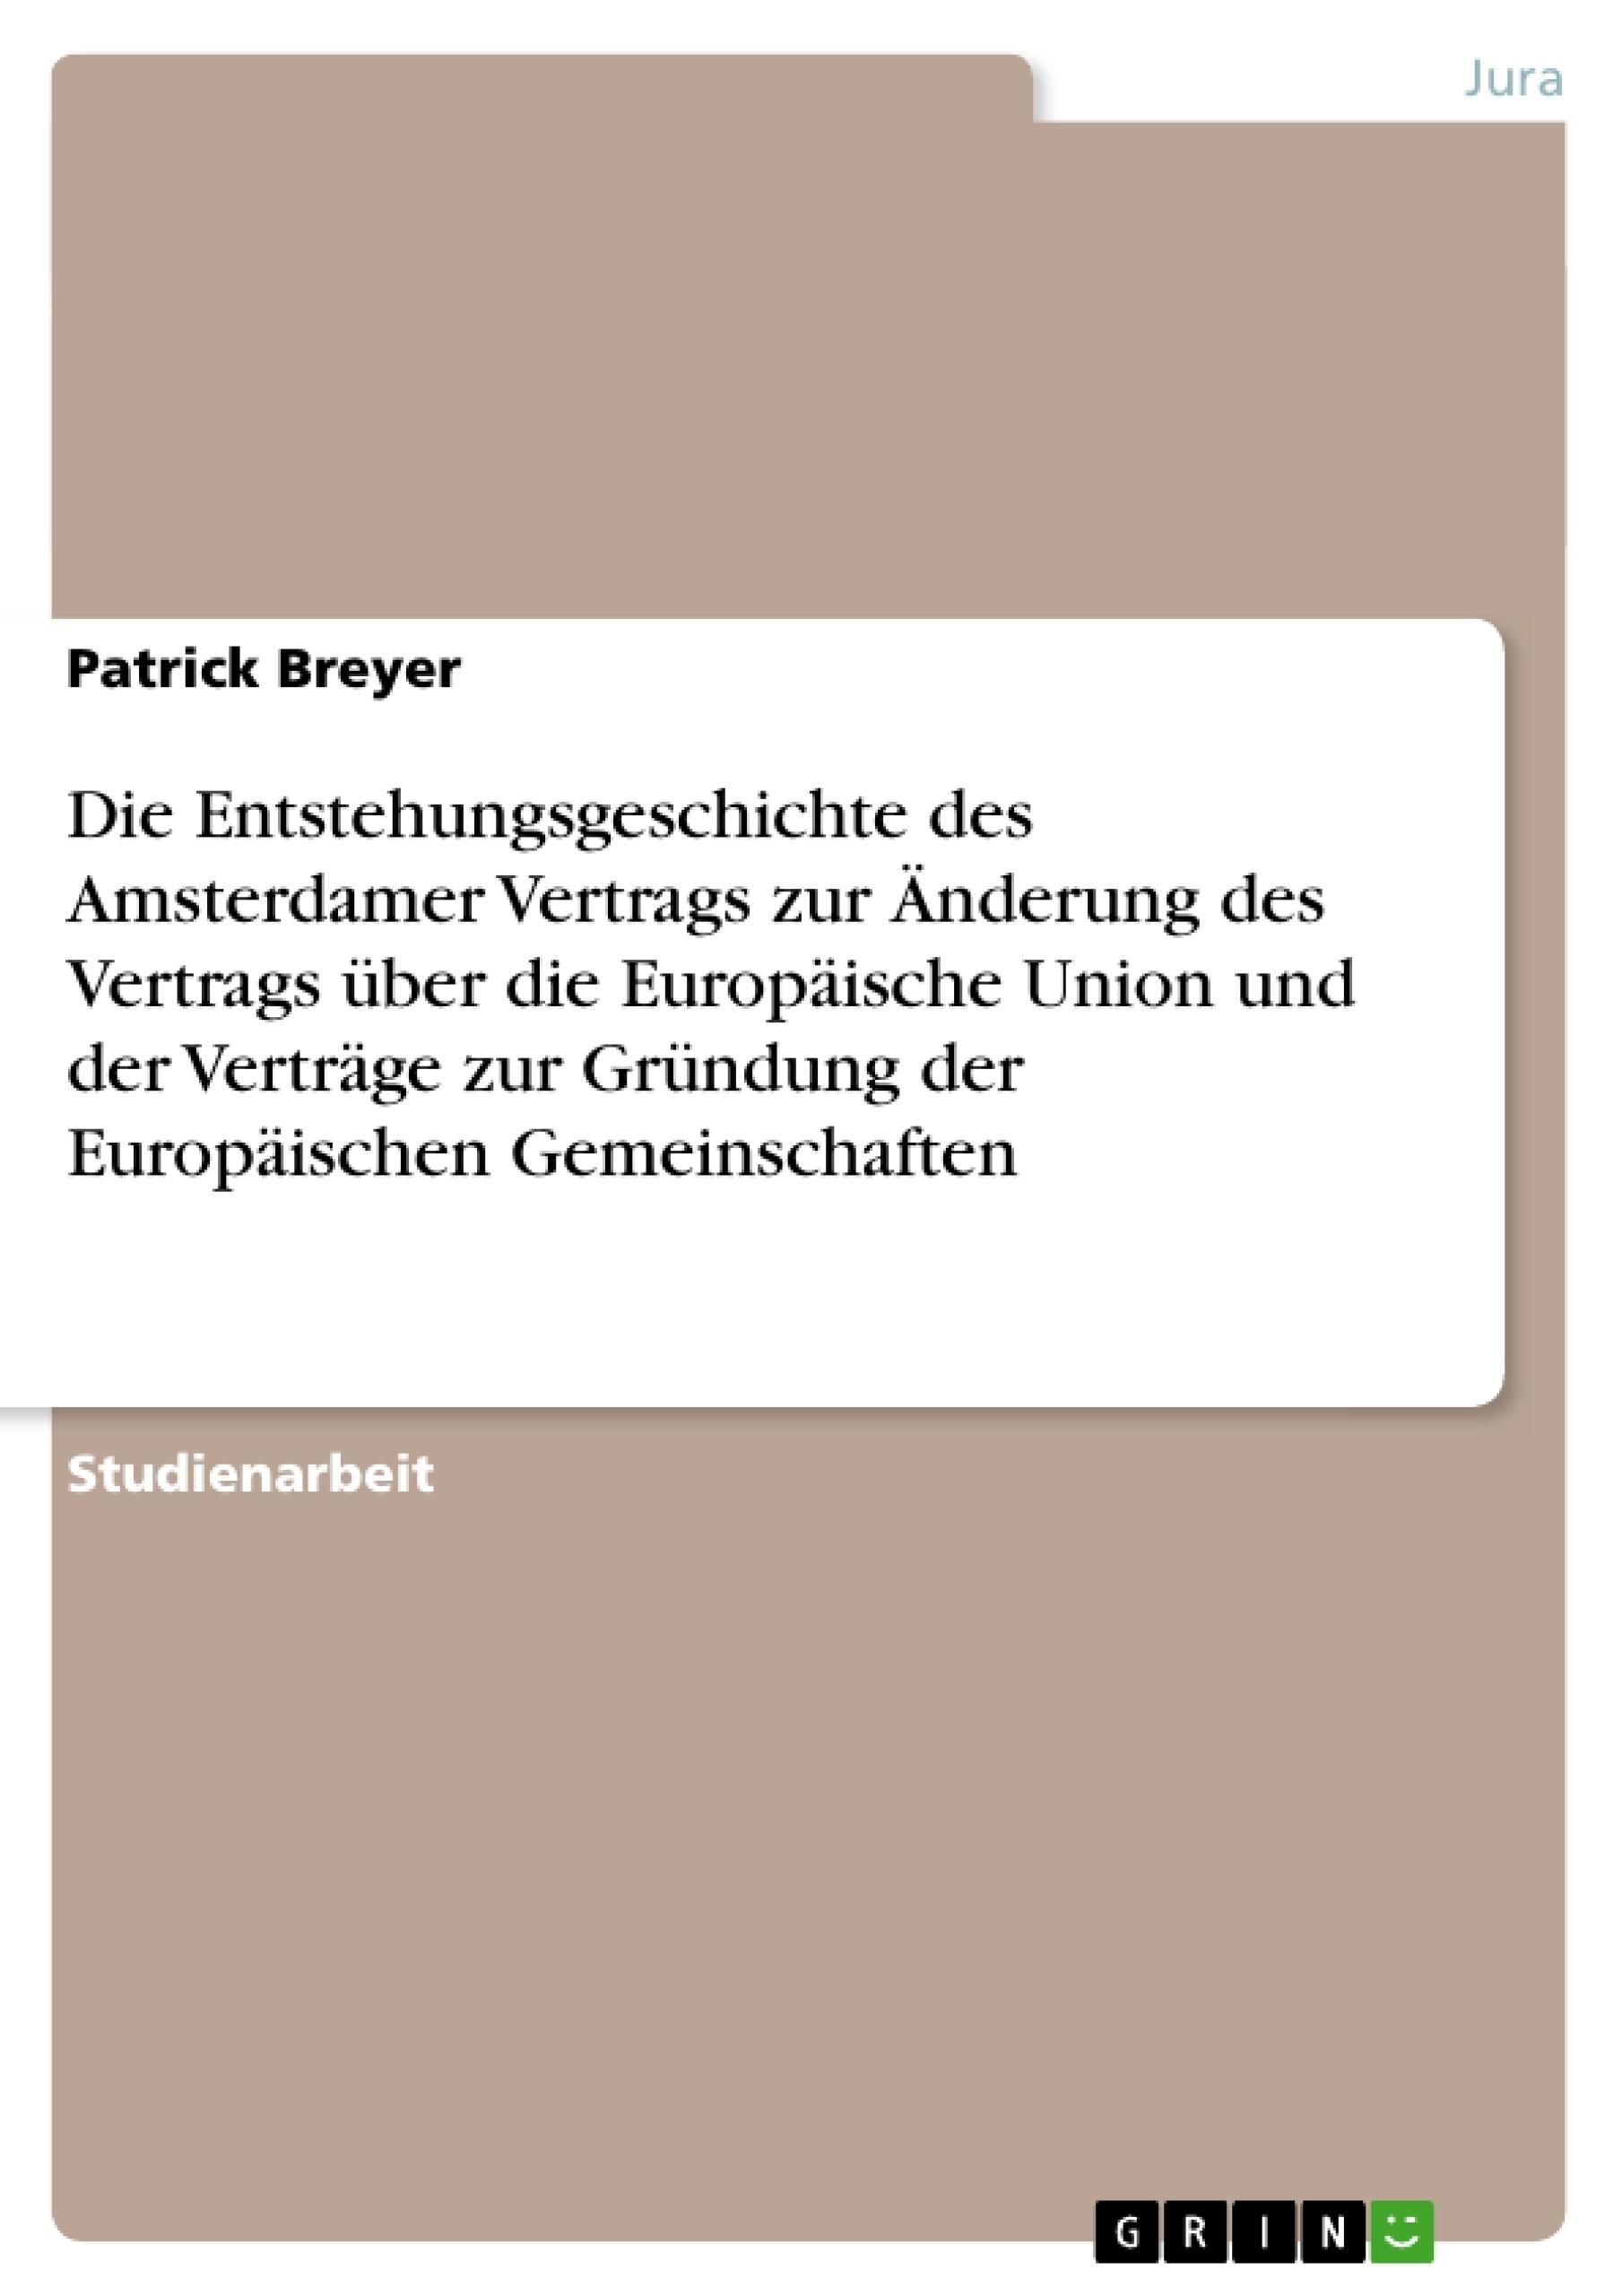 Titel: Die Entstehungsgeschichte des Amsterdamer Vertrags zur Änderung des Vertrags über die Europäische Union und der Verträge zur Gründung der Europäischen Gemeinschaften